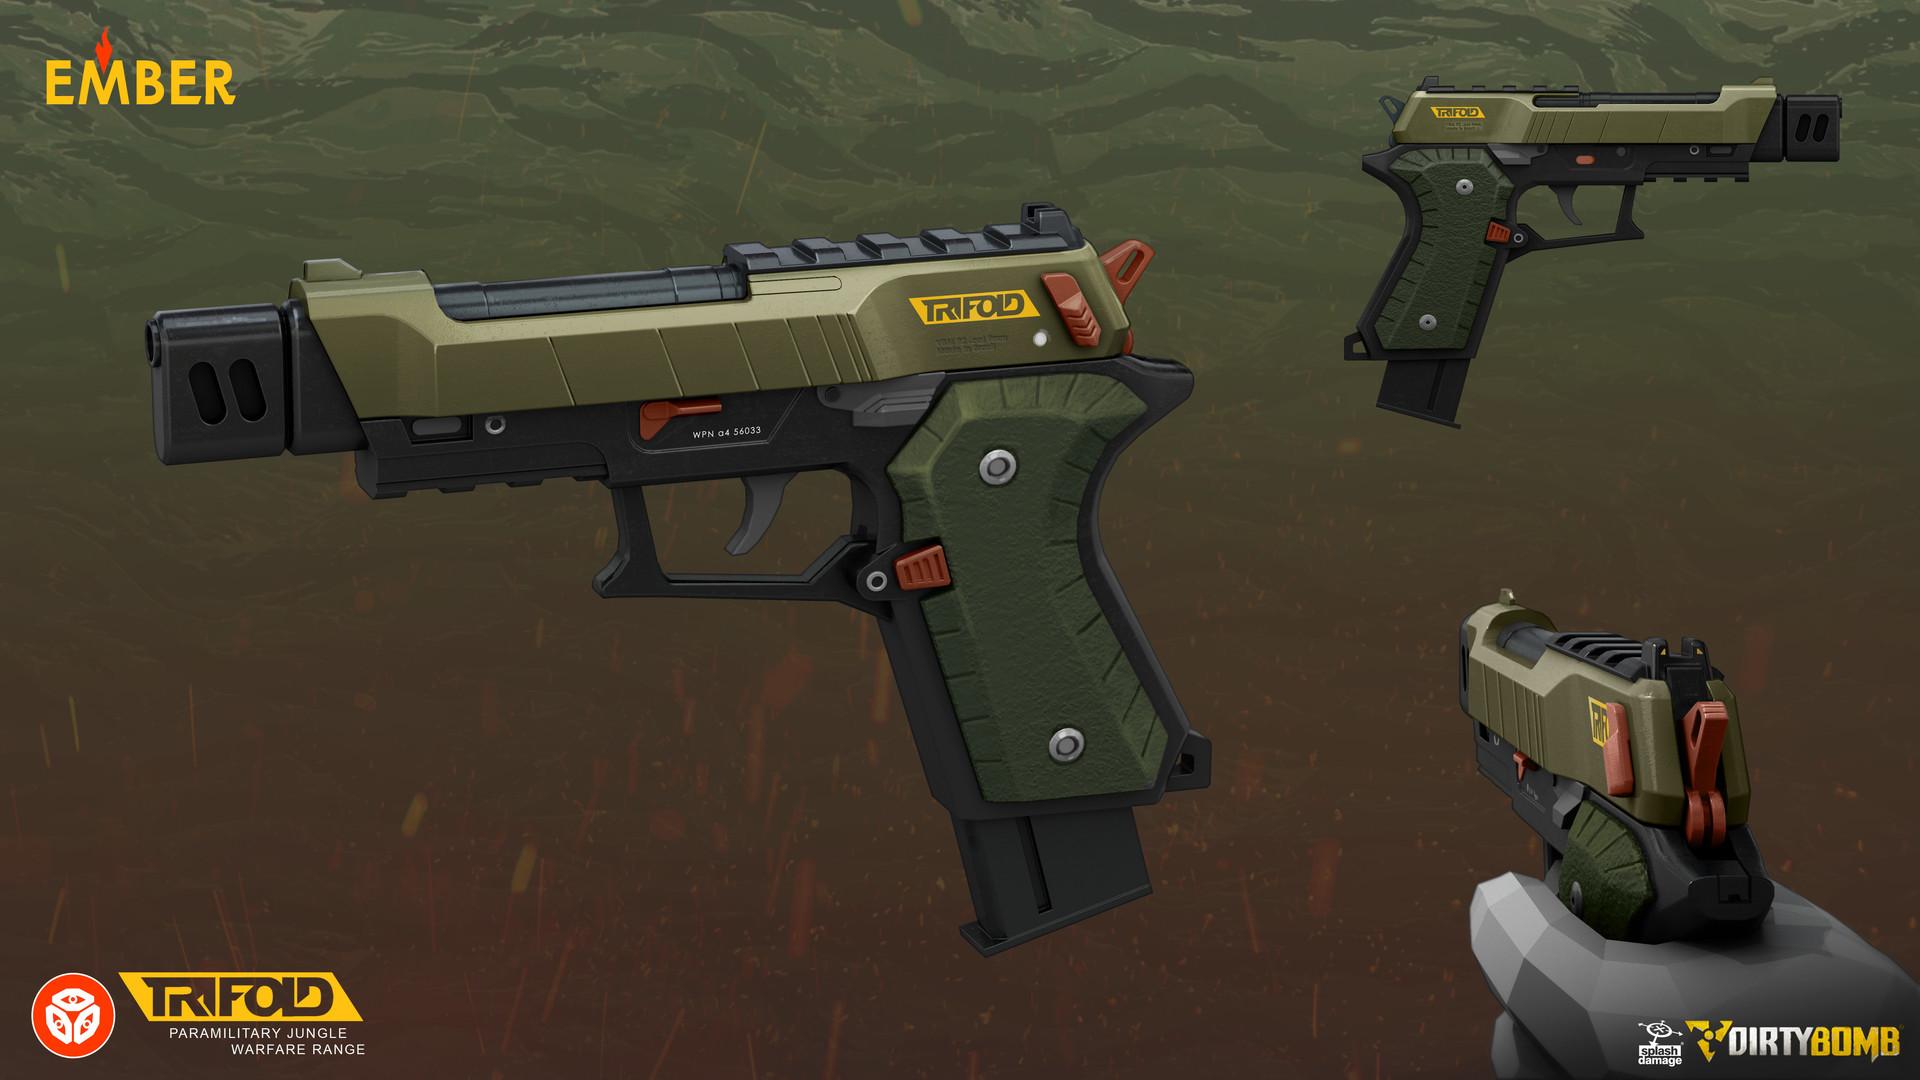 Andrew porter ap ember pistol final